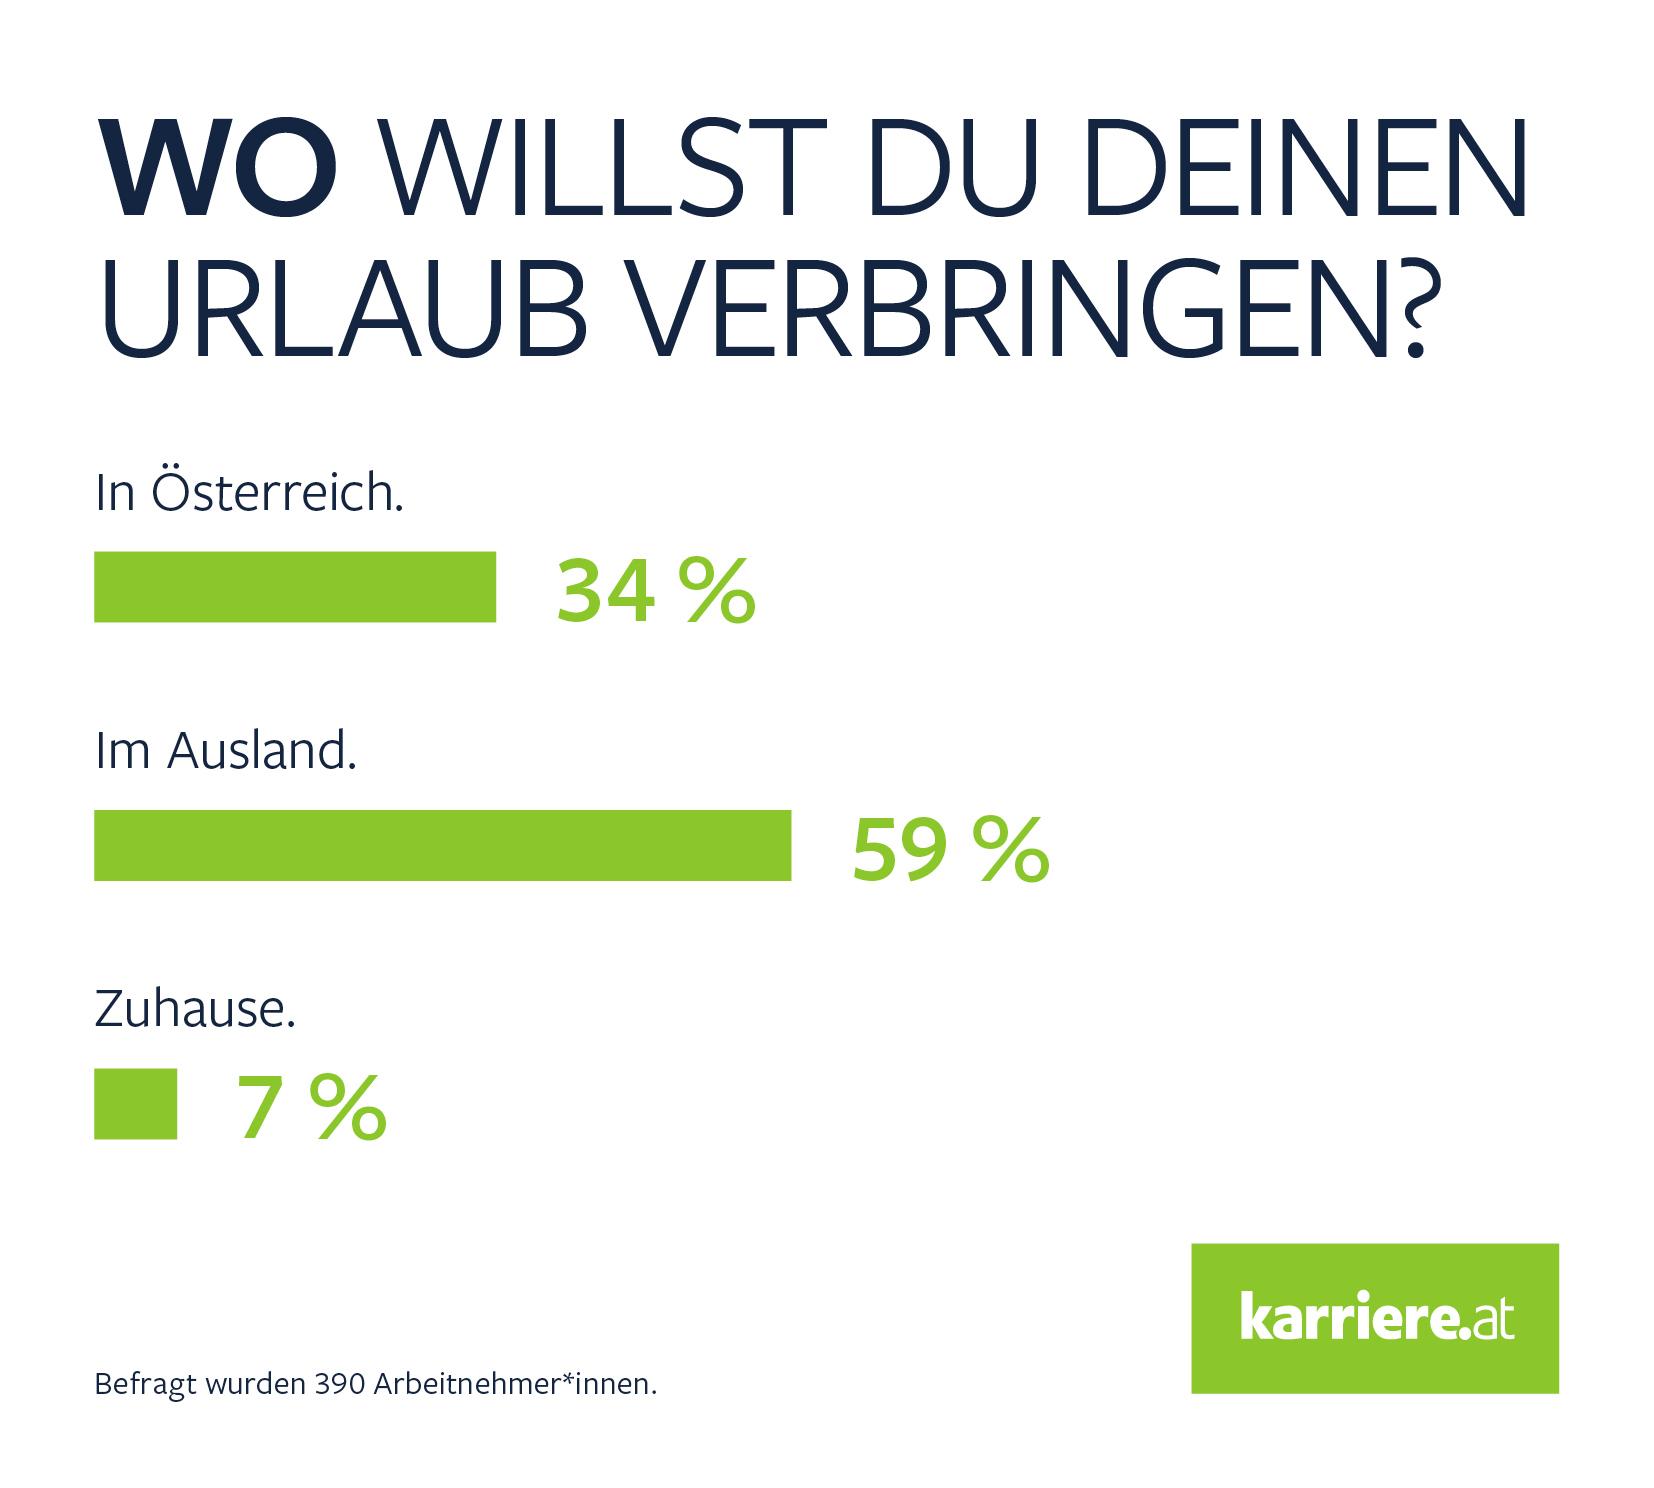 Umfrage_Wo willst du deinen Urlaub verbringen?